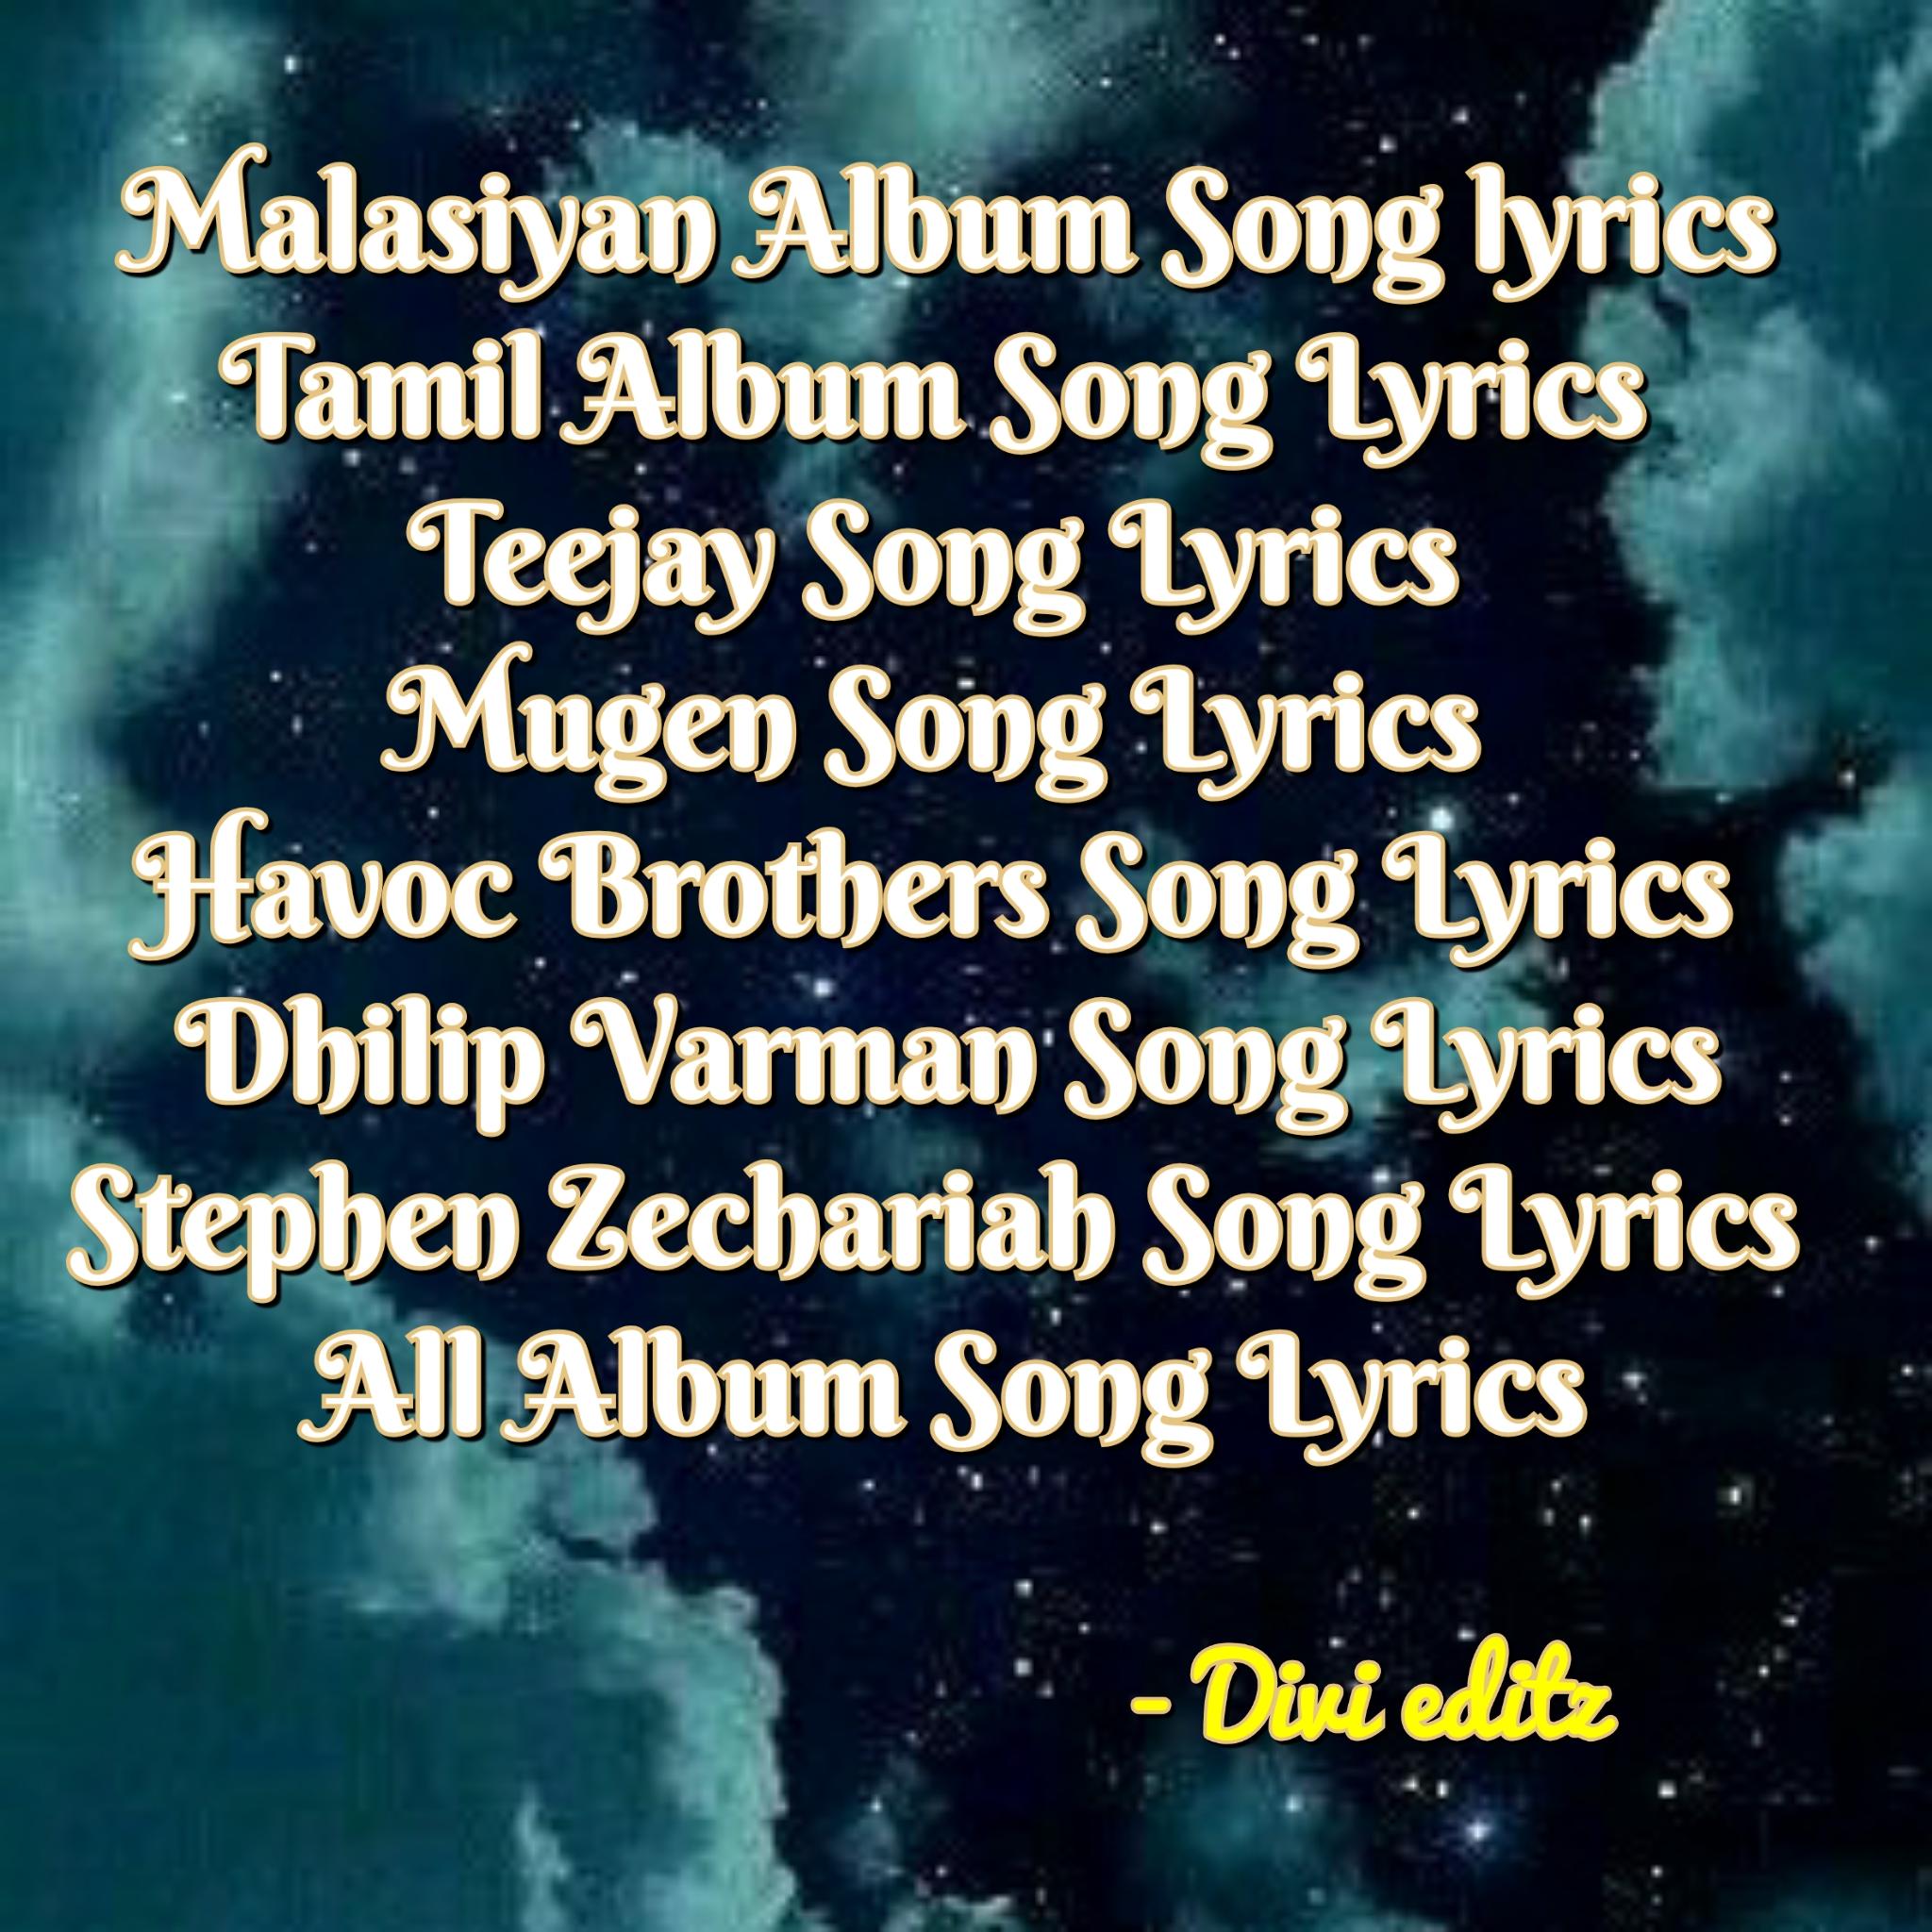 Tamil Malasiyan Album Song Lyrics